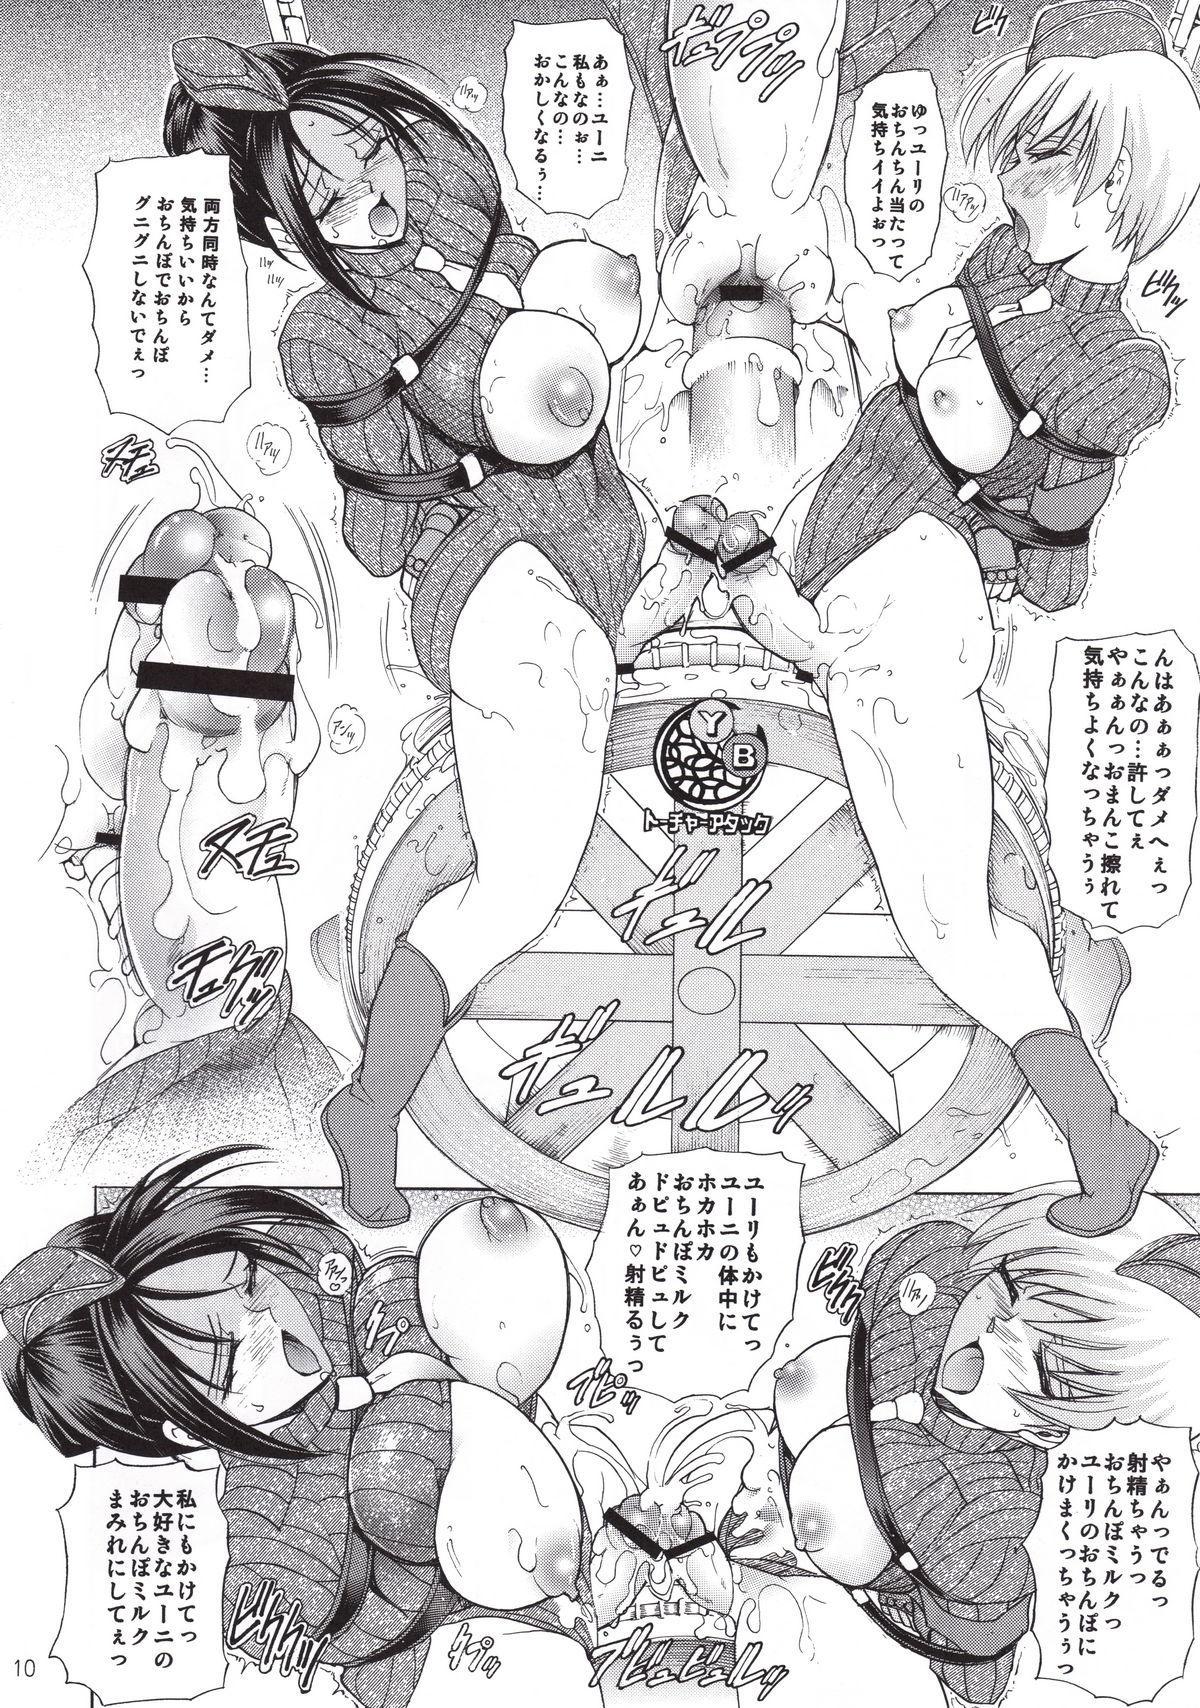 (C77) [Kawaraya Honpo (Kawaraya A-ta)] Hana - Maki no Juukyuu - Kuroki Hana (Bayonetta, Street Fighter, Darkstalkers) 9